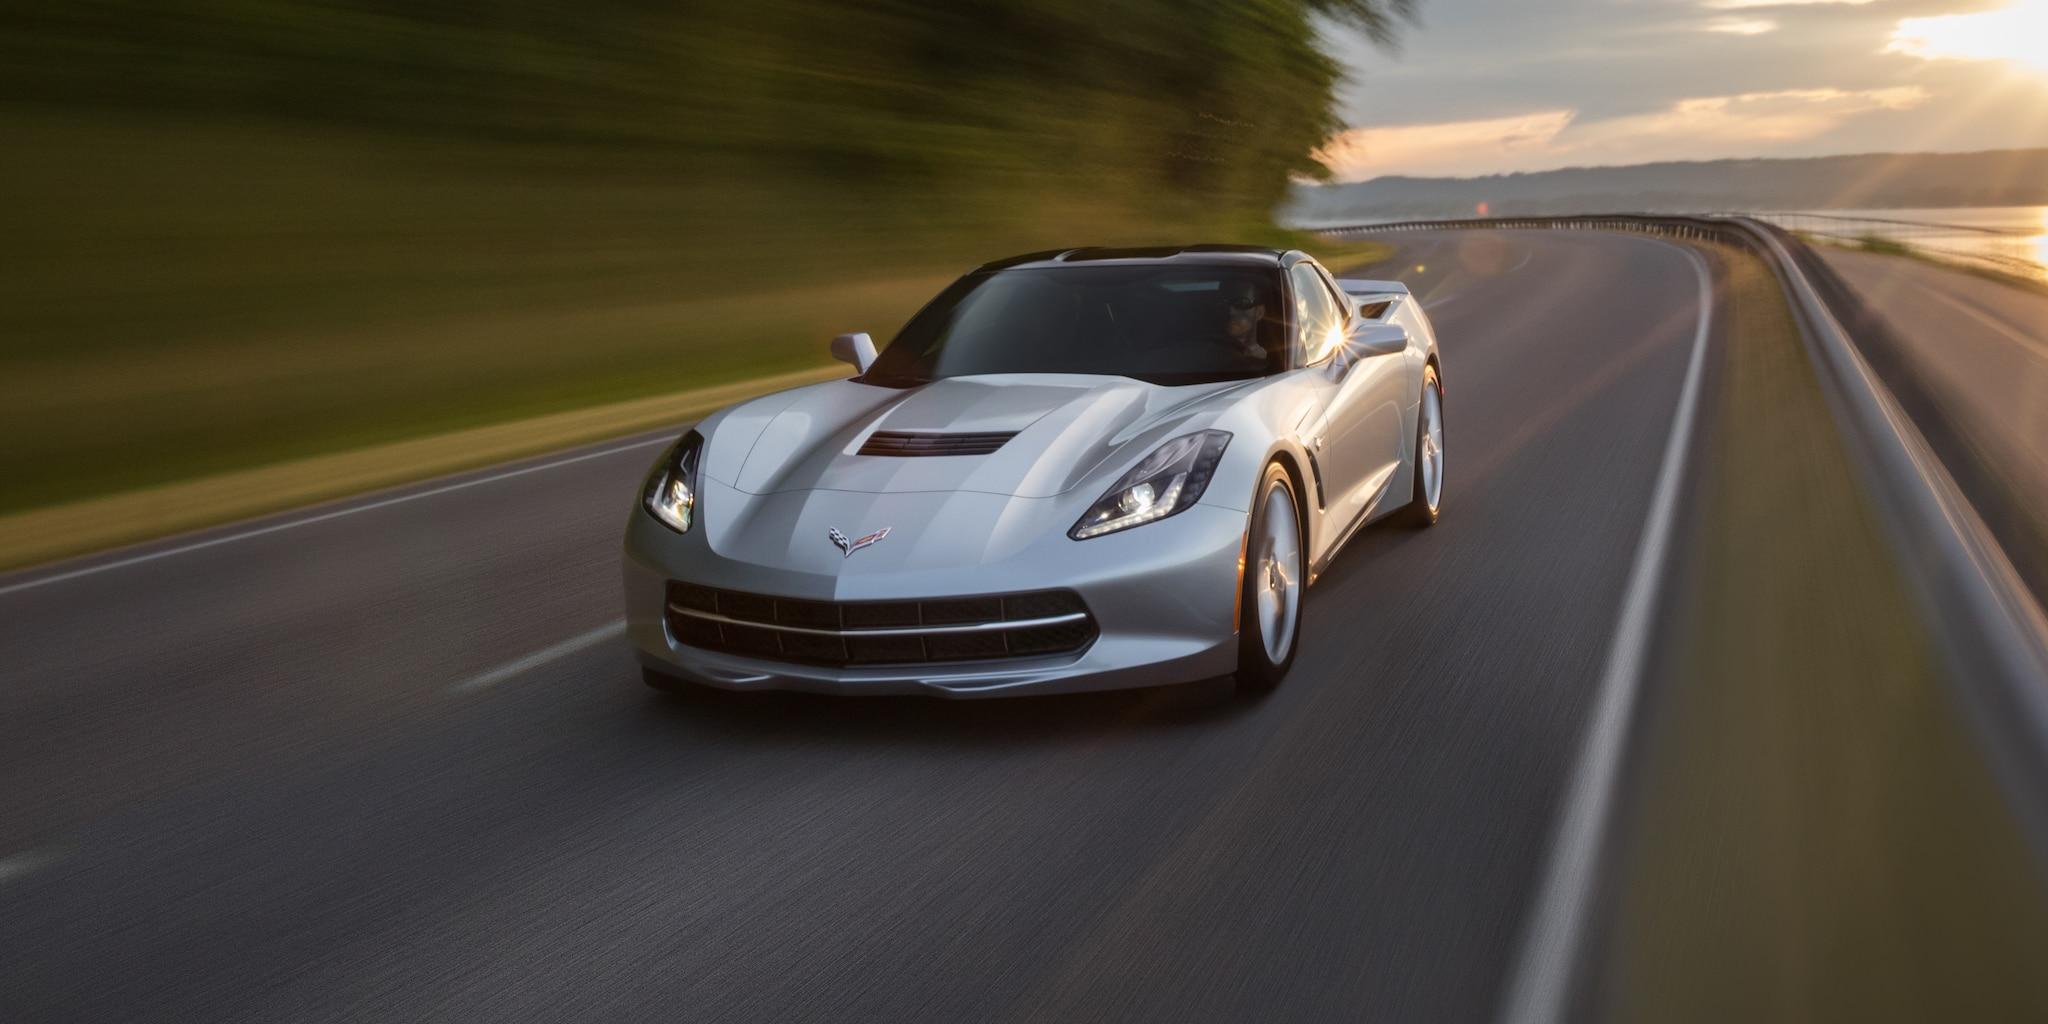 Diseño del auto deportivo Corvette Stingray 2019: delantero